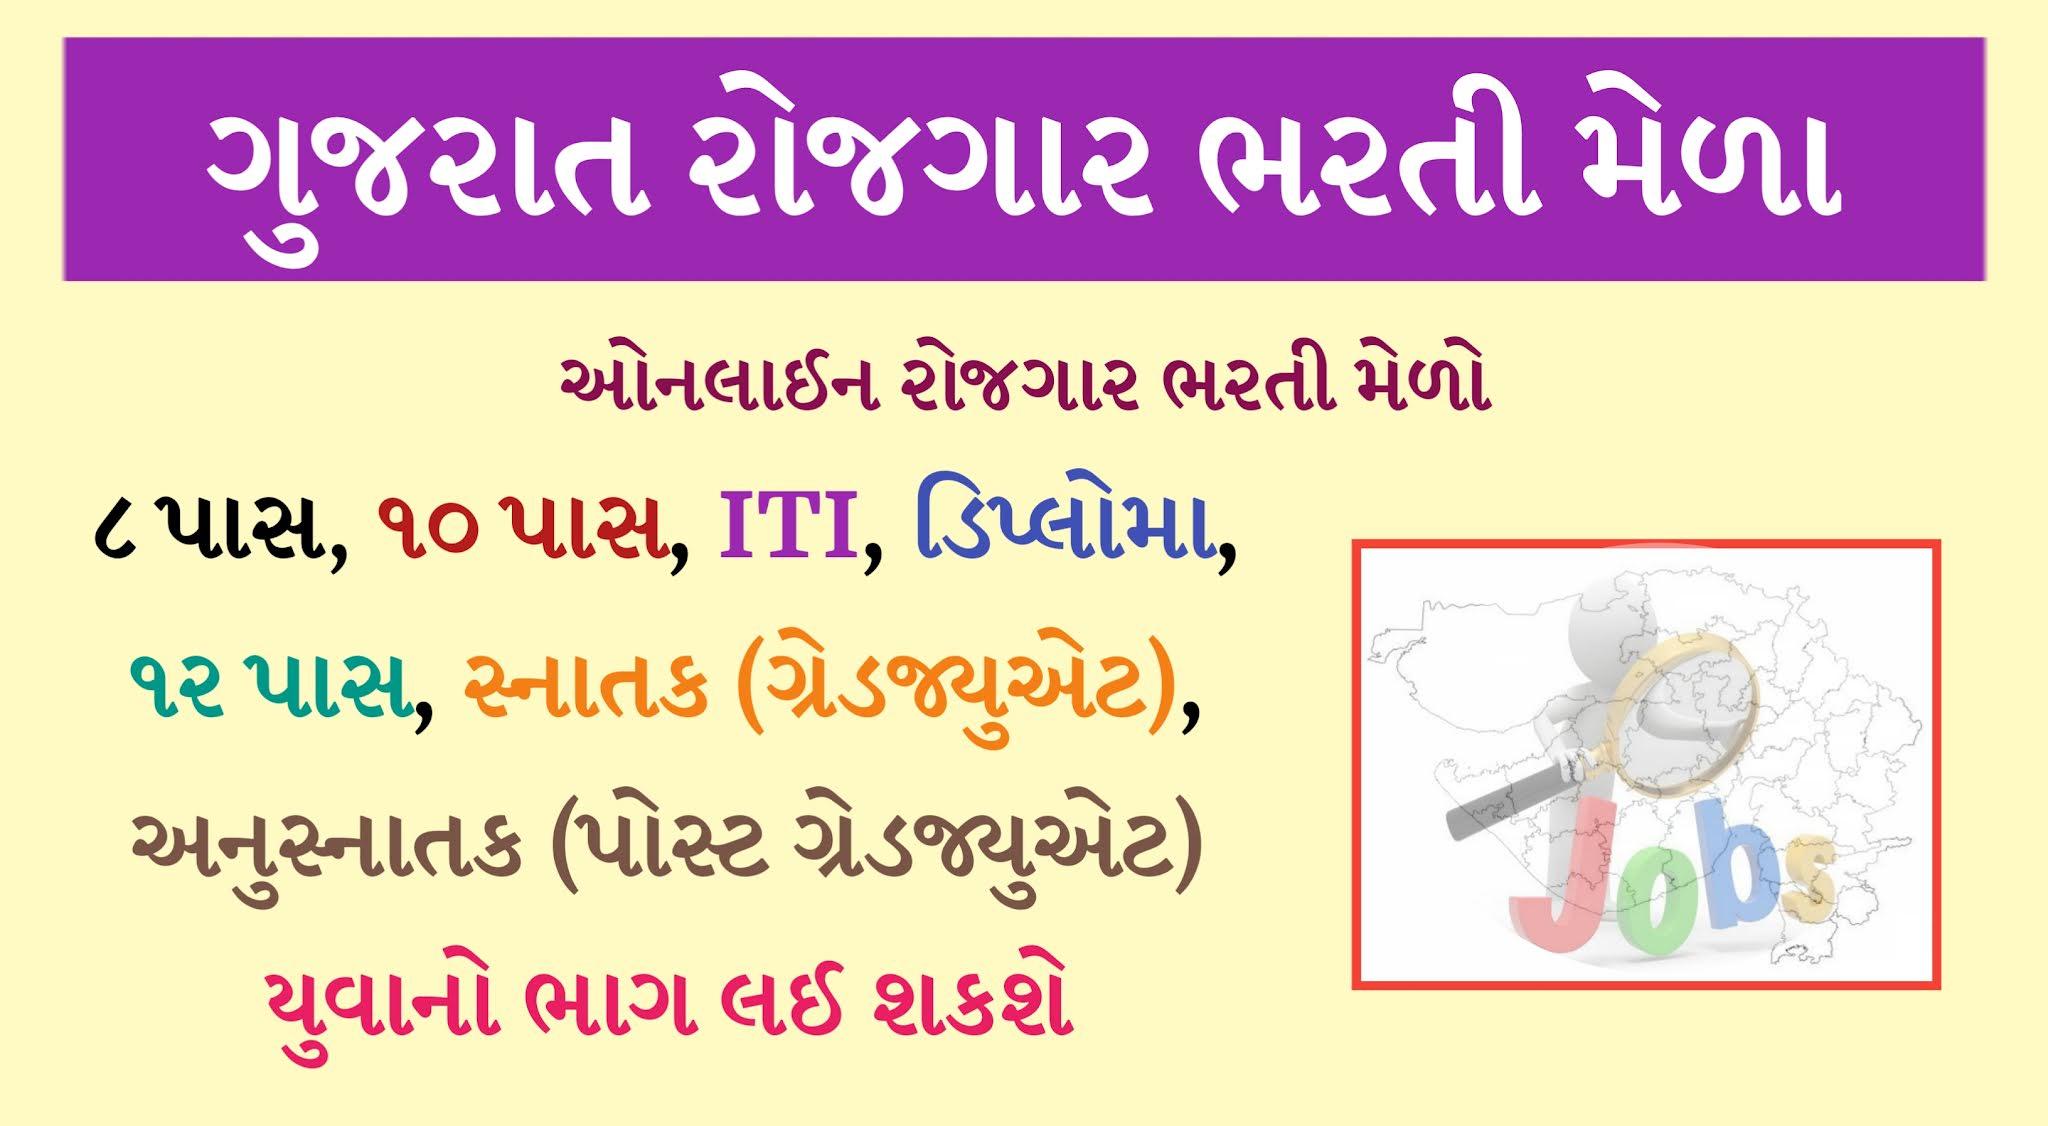 Gujarat Rojgar Bharti Melo 2021   Online Rozgaar Bharti Melo 2021   Online Rojgar Bharti Melo 2021   Online Rozgaar Bharti Melo Gujarat 2021